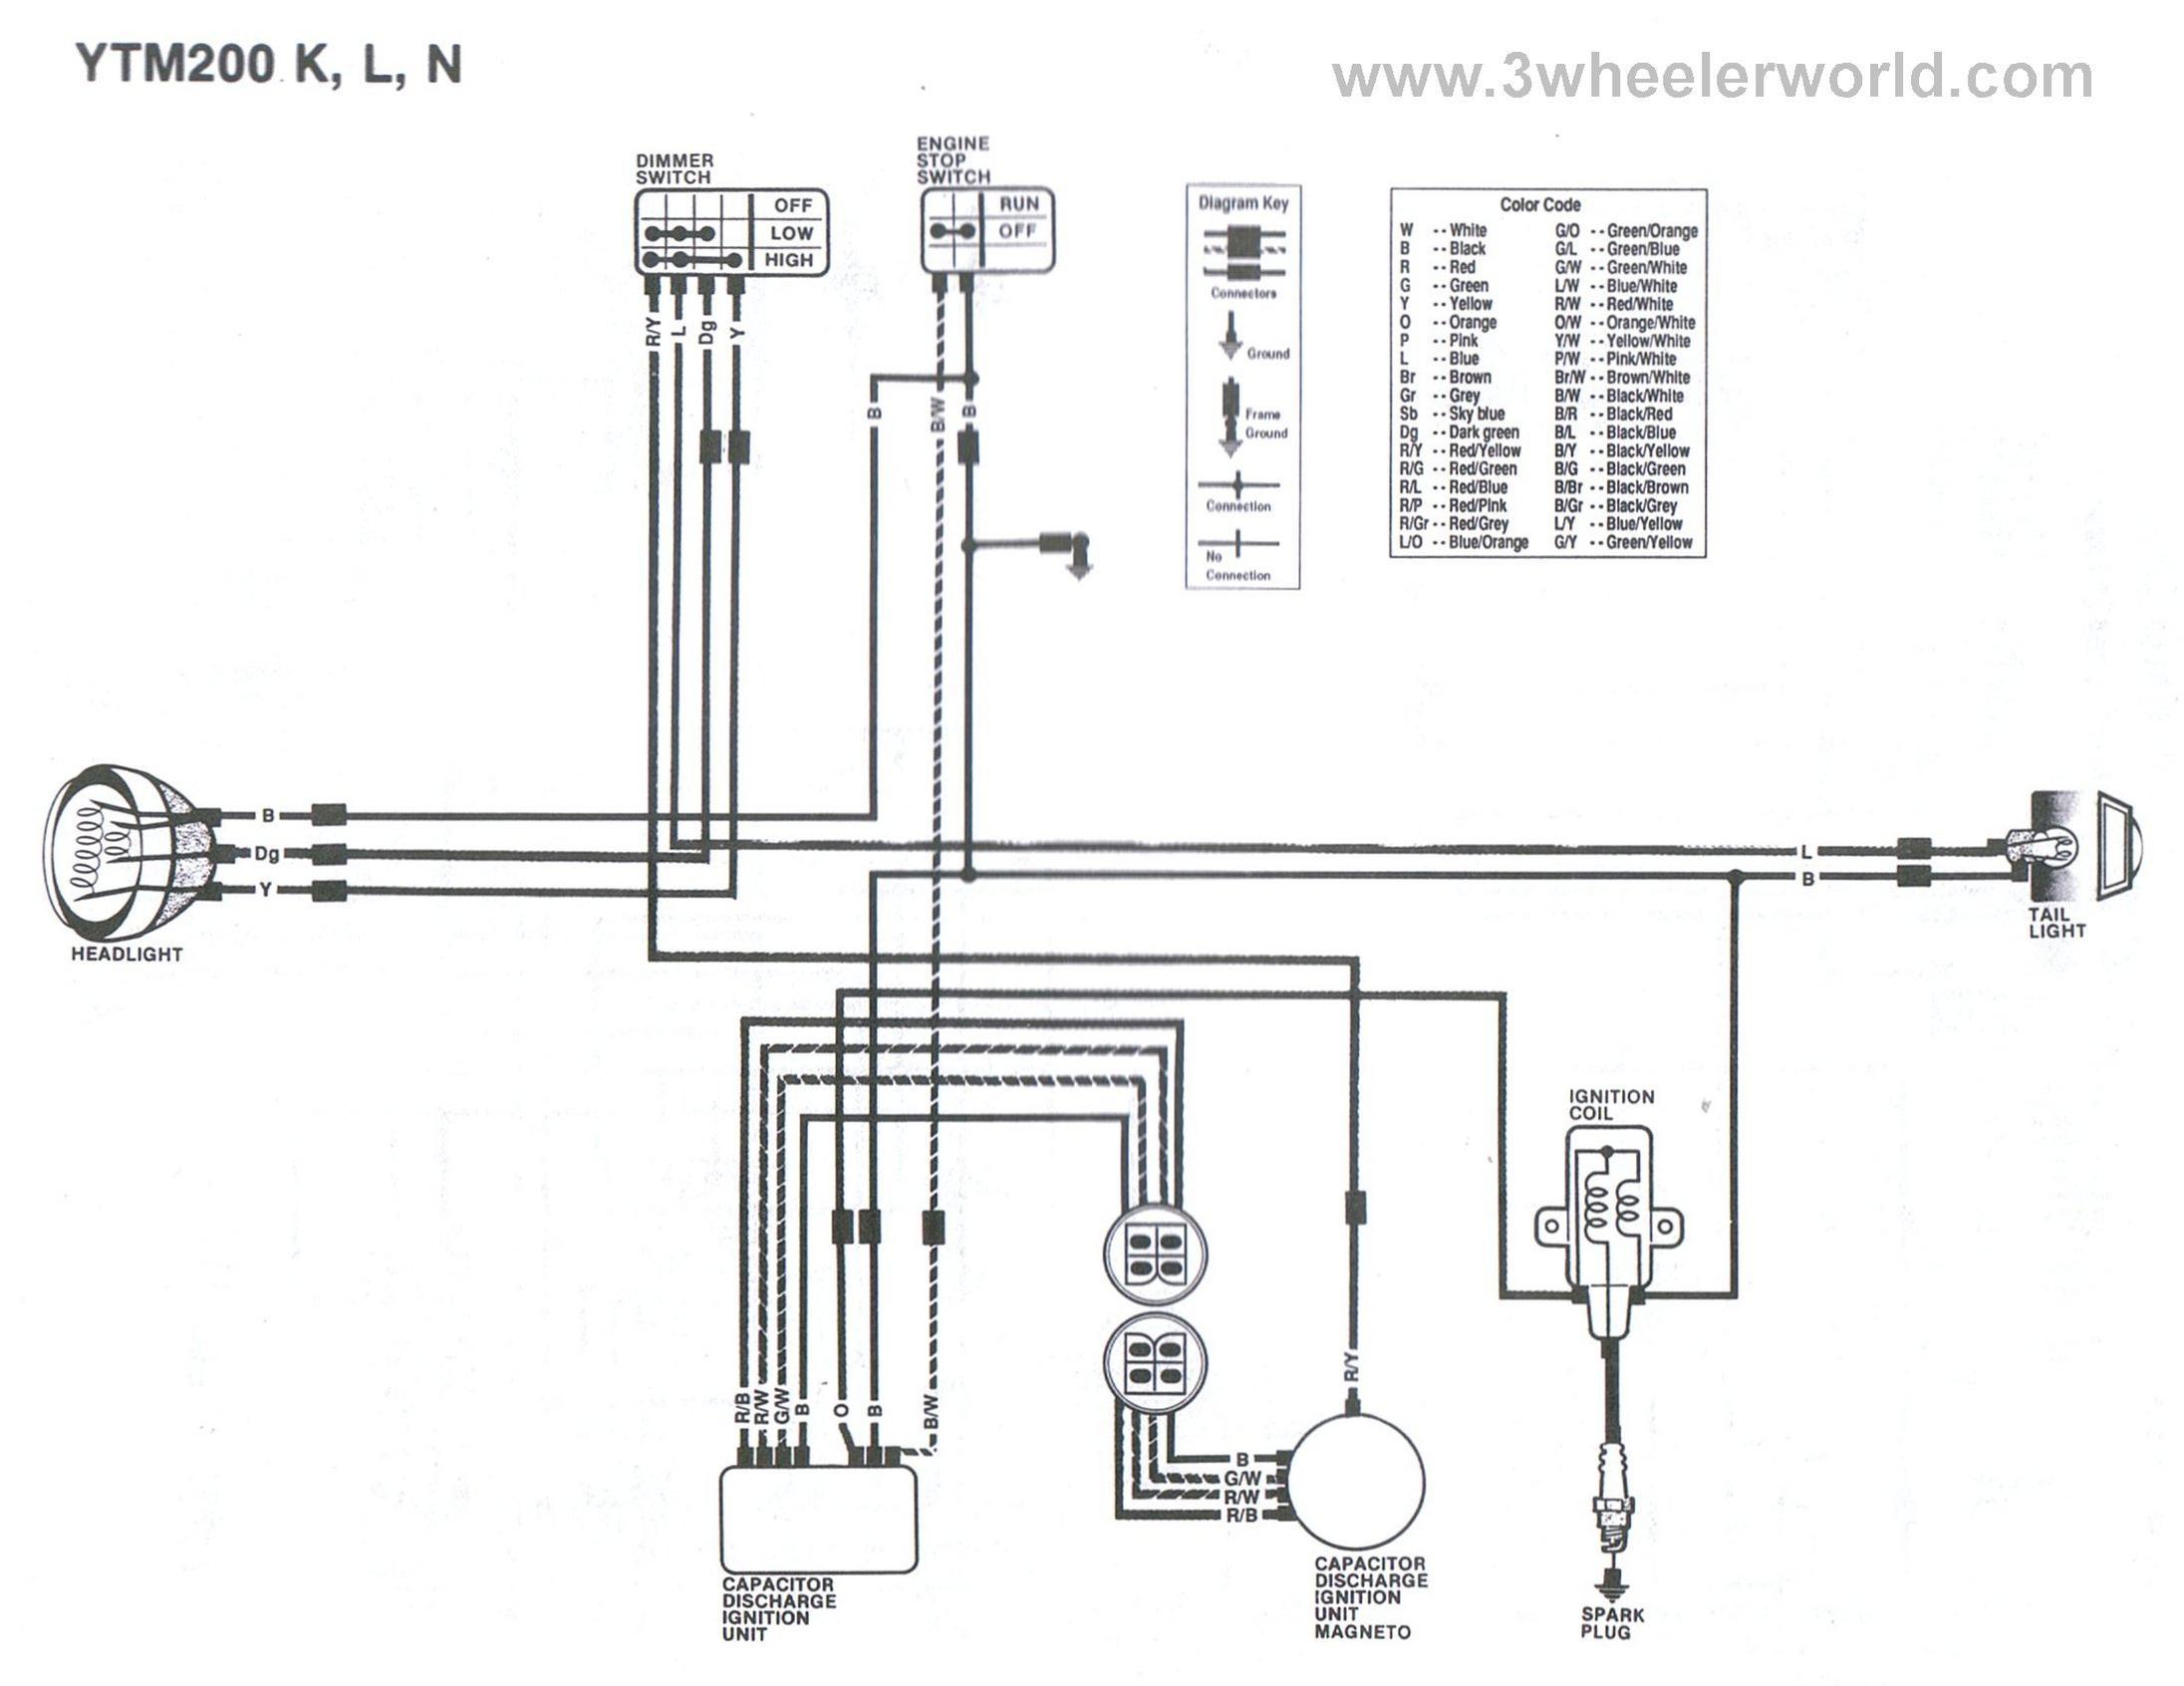 wiring diagram xt 600 wiring image wiring diagram wiring diagram 84 xt600 wiring auto wiring diagram schematic on wiring diagram xt 600